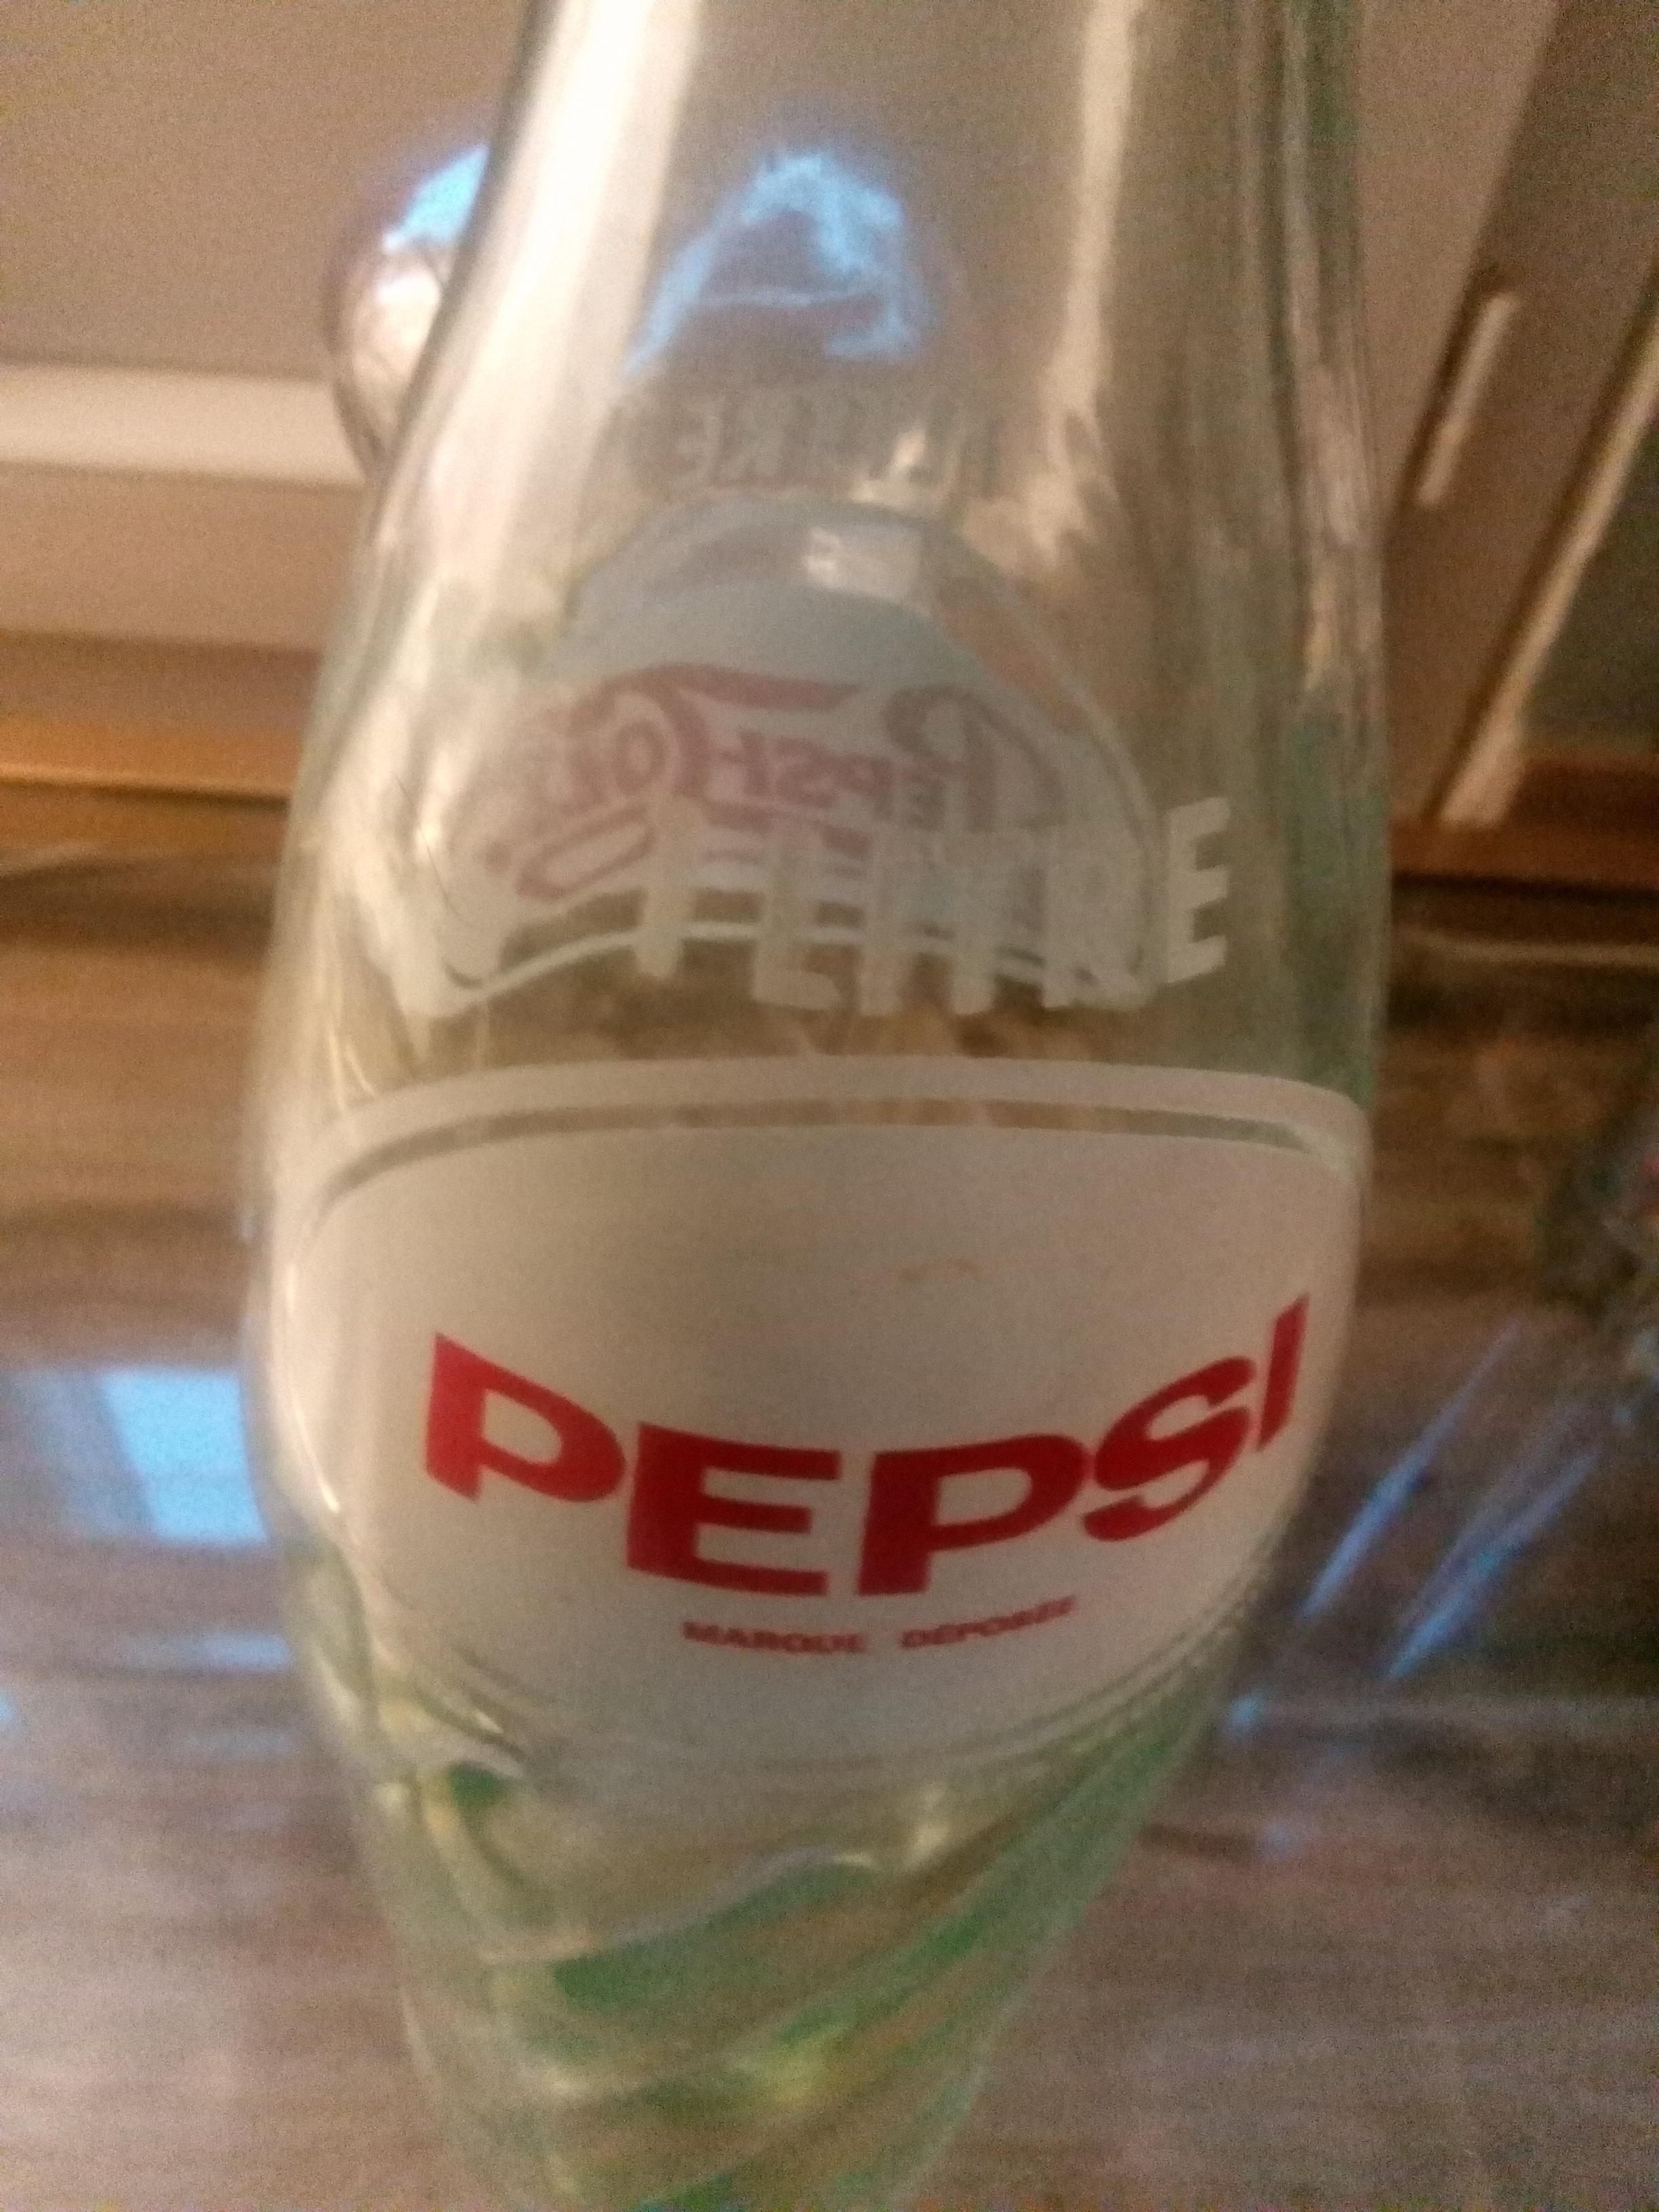 troc de troc ancienne bouteille de pepsi image 2